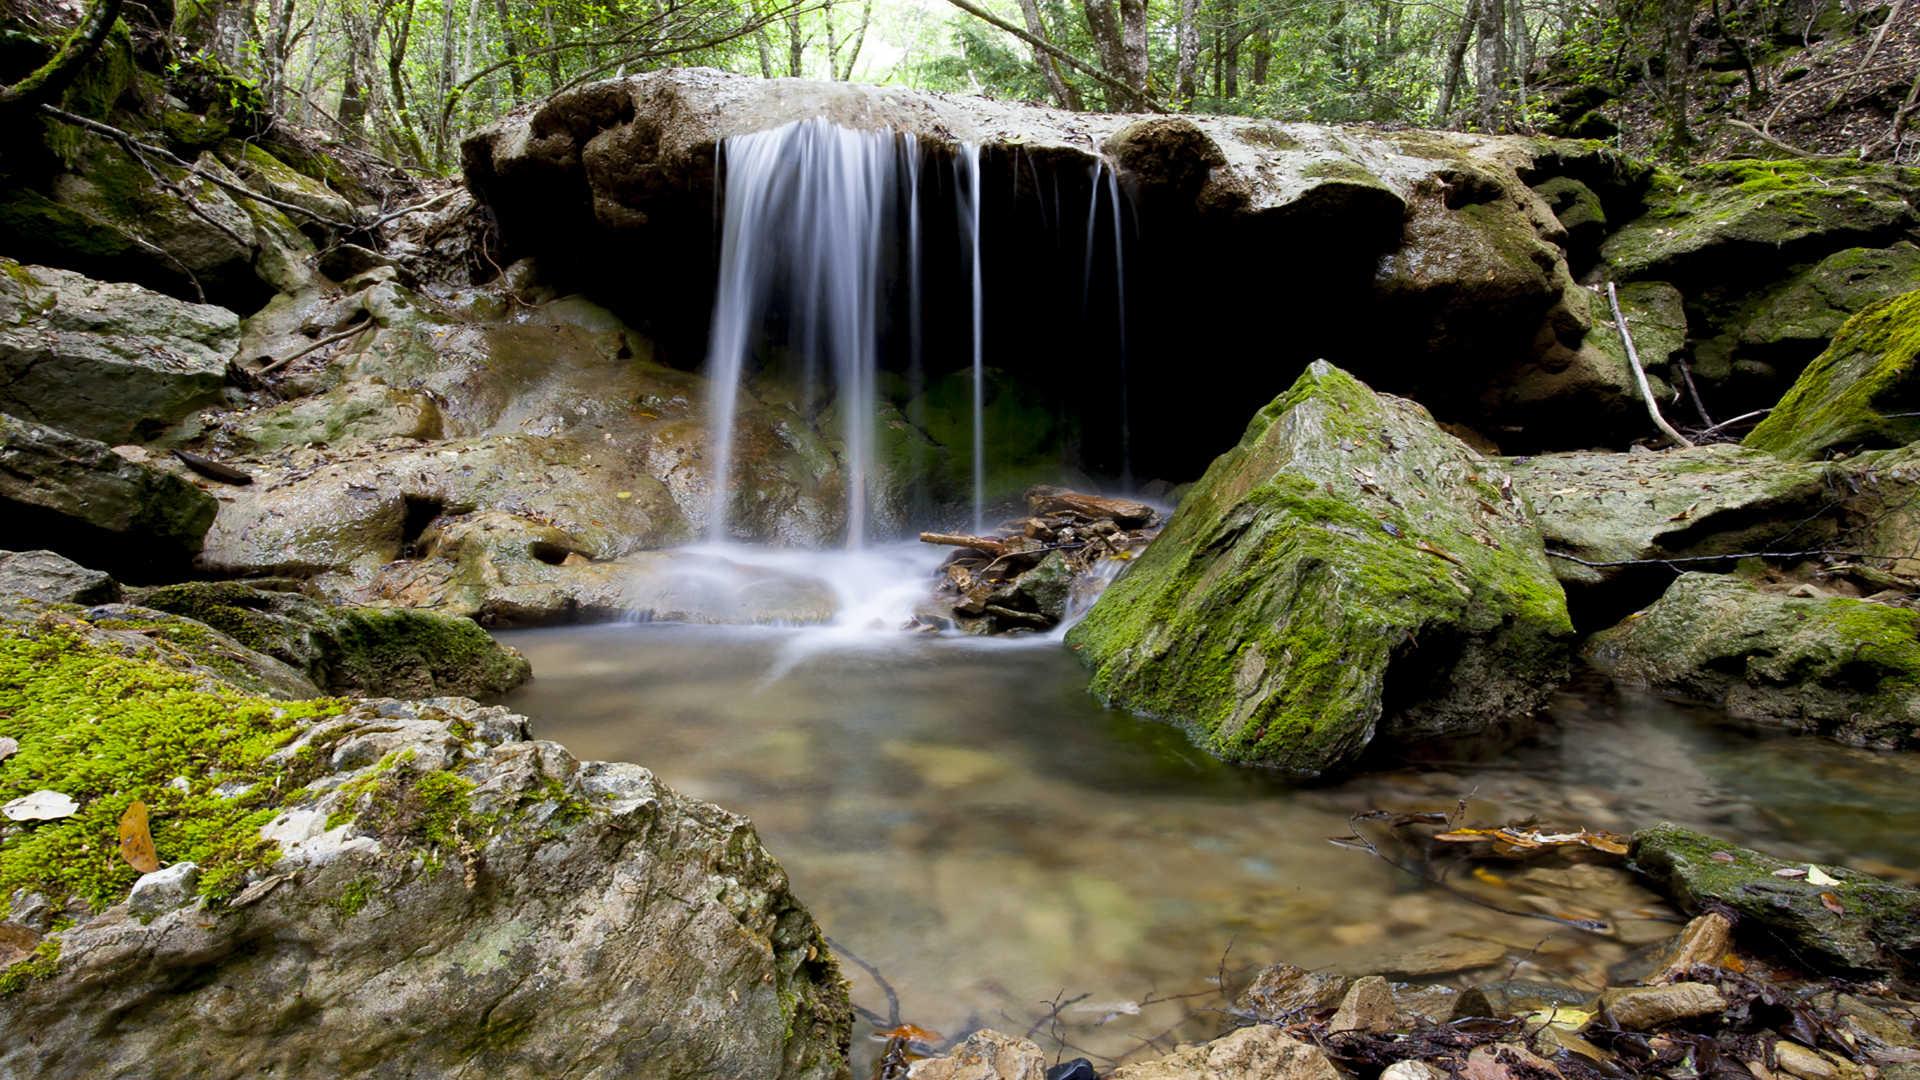 Montarbu sardegnaturismo sito ufficiale del turismo for Pianta della foresta di pioppo